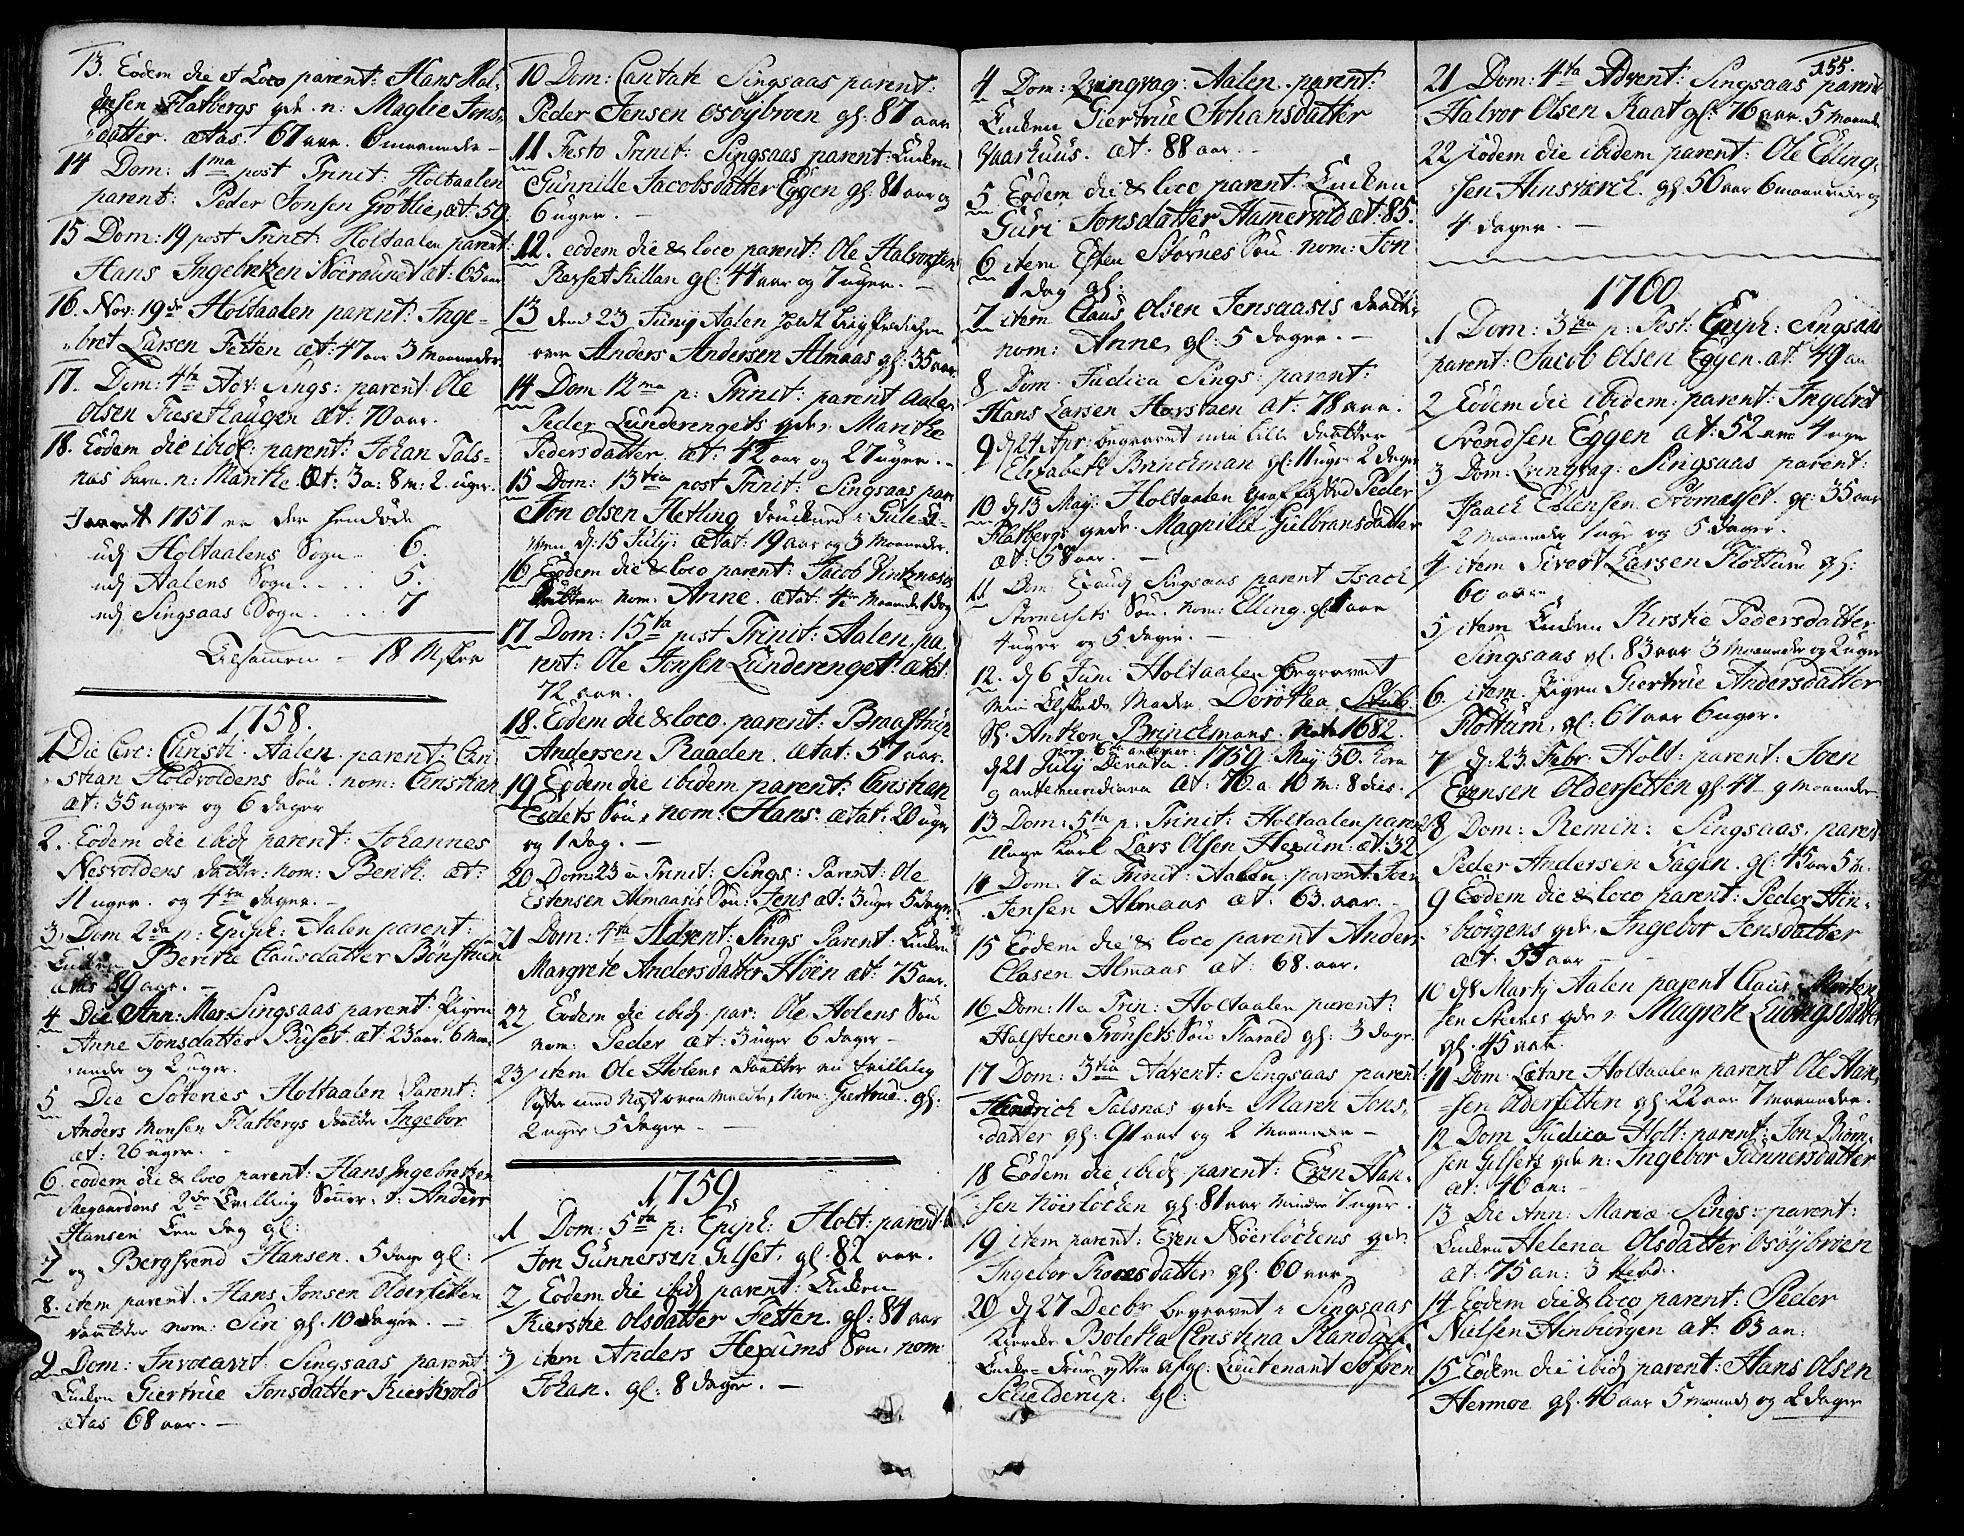 SAT, Ministerialprotokoller, klokkerbøker og fødselsregistre - Sør-Trøndelag, 685/L0952: Ministerialbok nr. 685A01, 1745-1804, s. 155